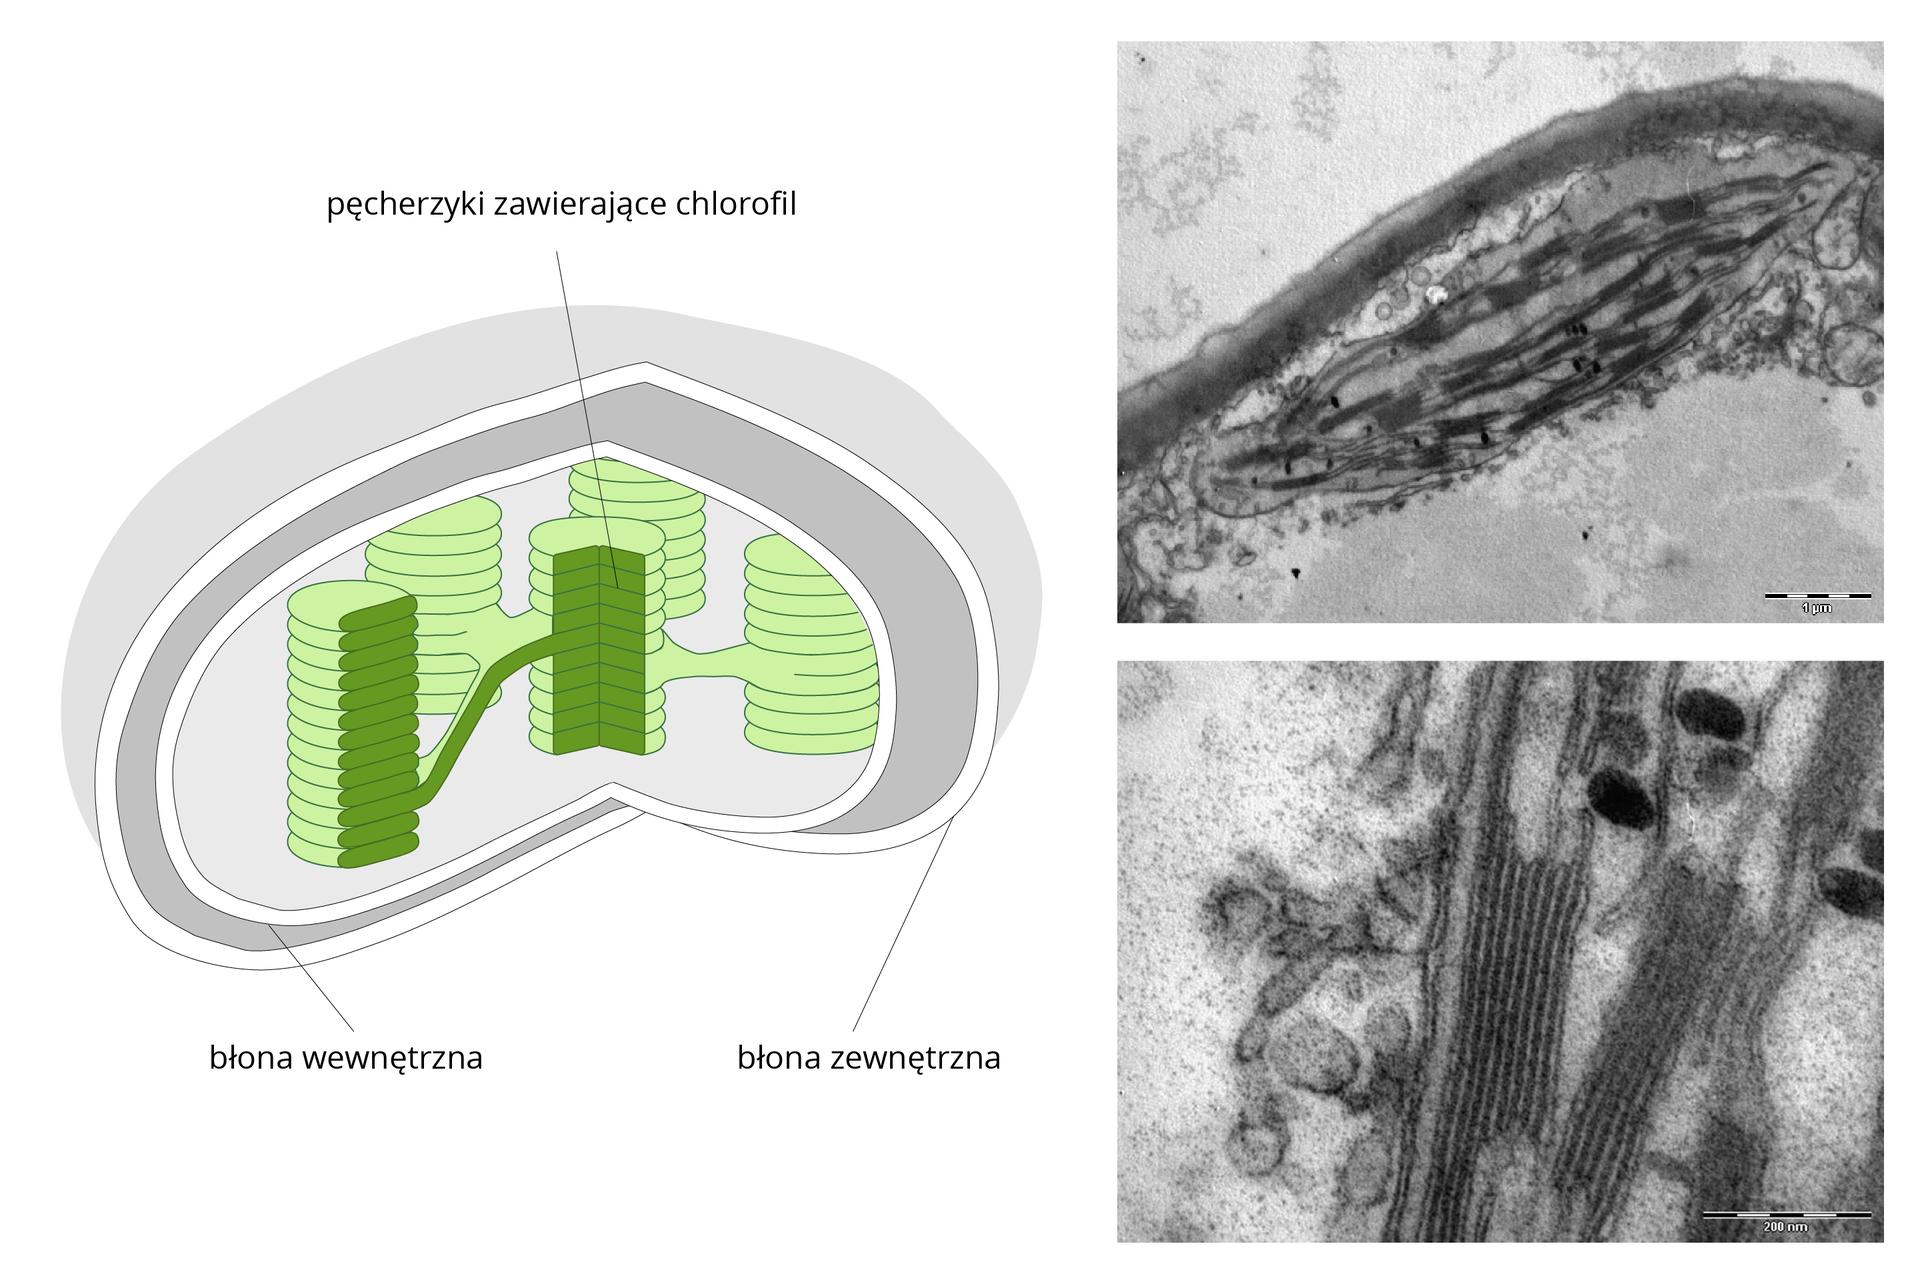 Ilustracja przedstwiająca schemat chloroplastu po lewej stronie ilustracji oraz obrazy submikroskopowe cholorplastu po prawej stronie ilustracji